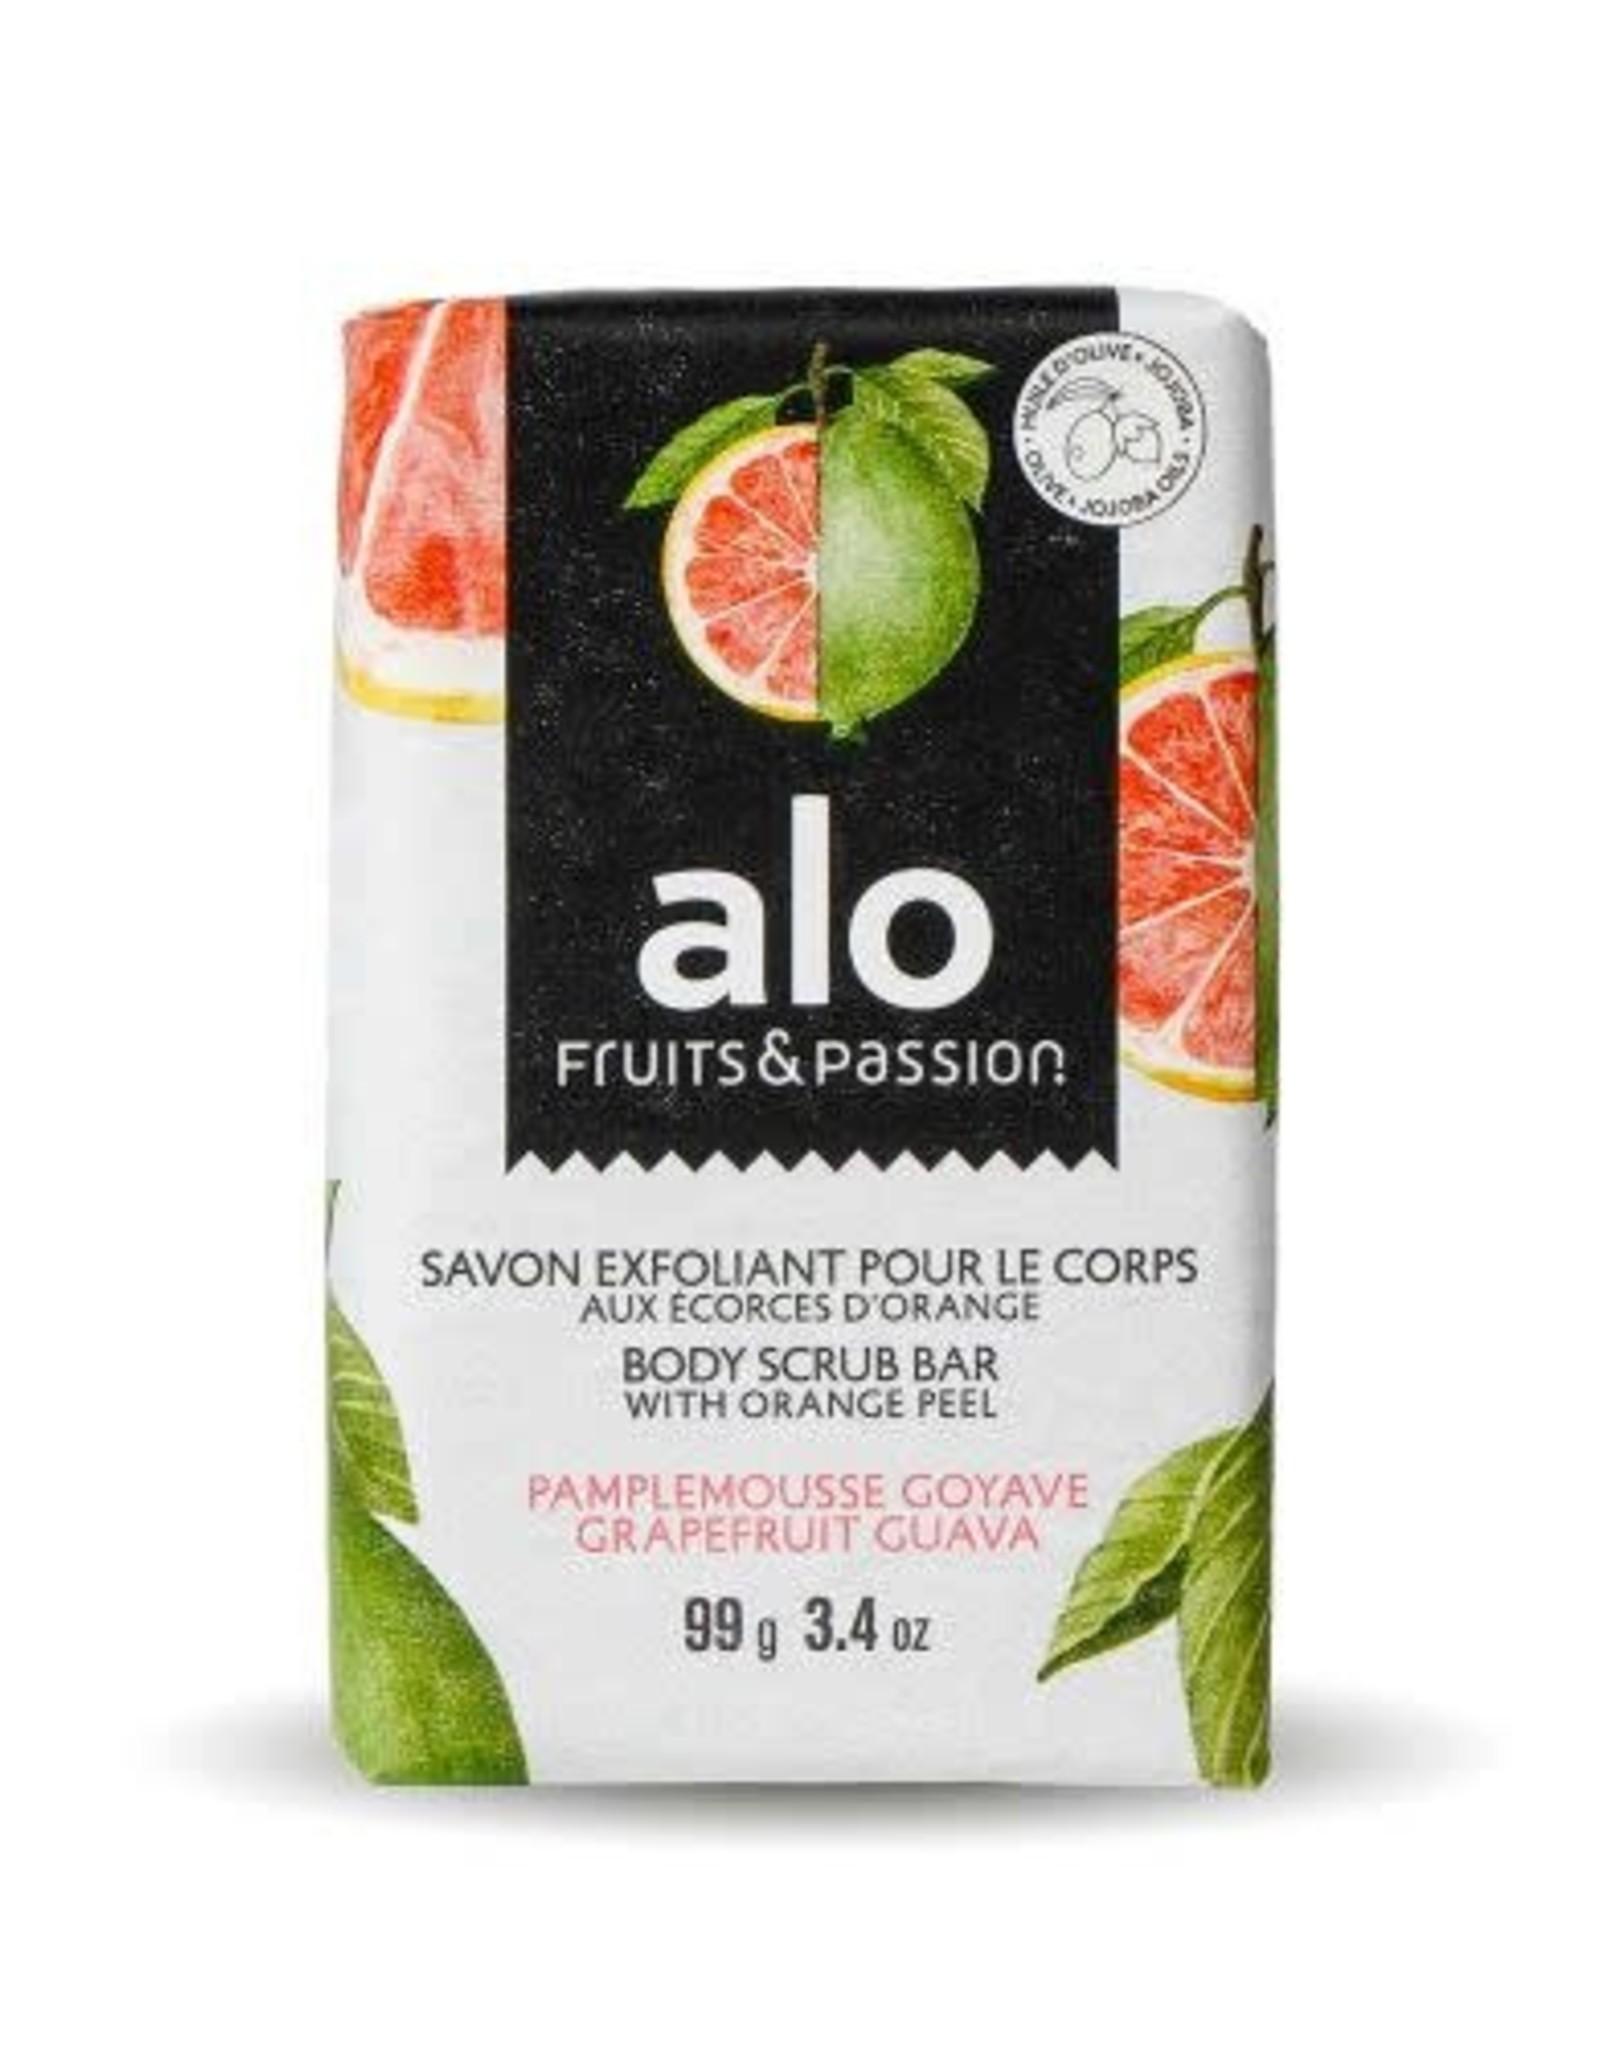 Fruits et Passion Savon Exfoliant pour le Corps aux Écorces d'Orange alo Pamplemousse Goyave 99g